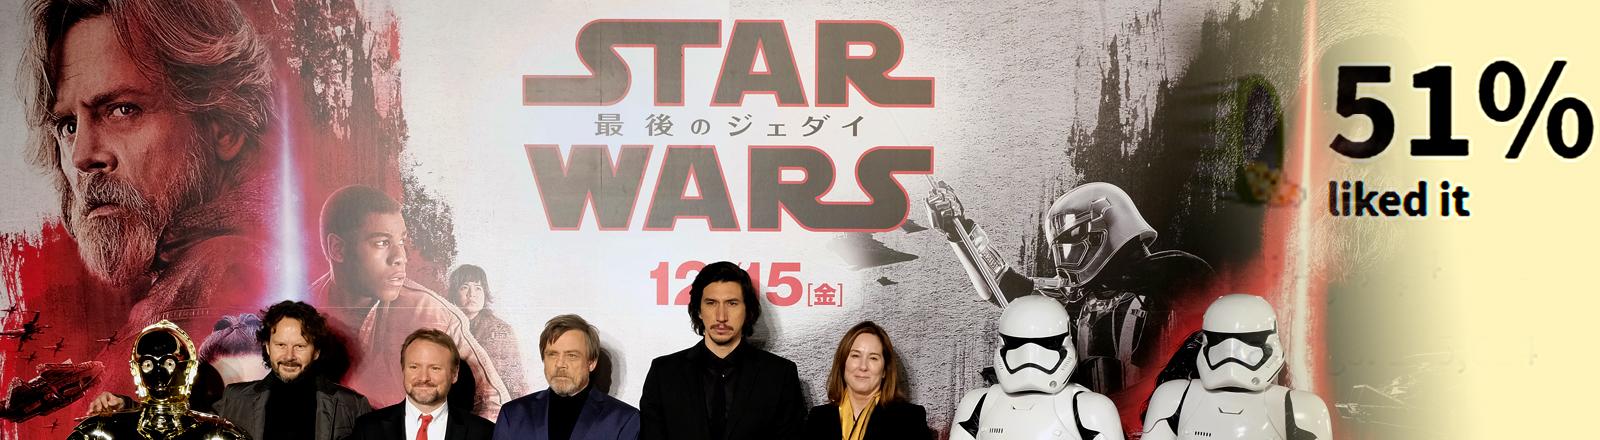 Star Wars The Last Jedi Premiere mit Schauspielern